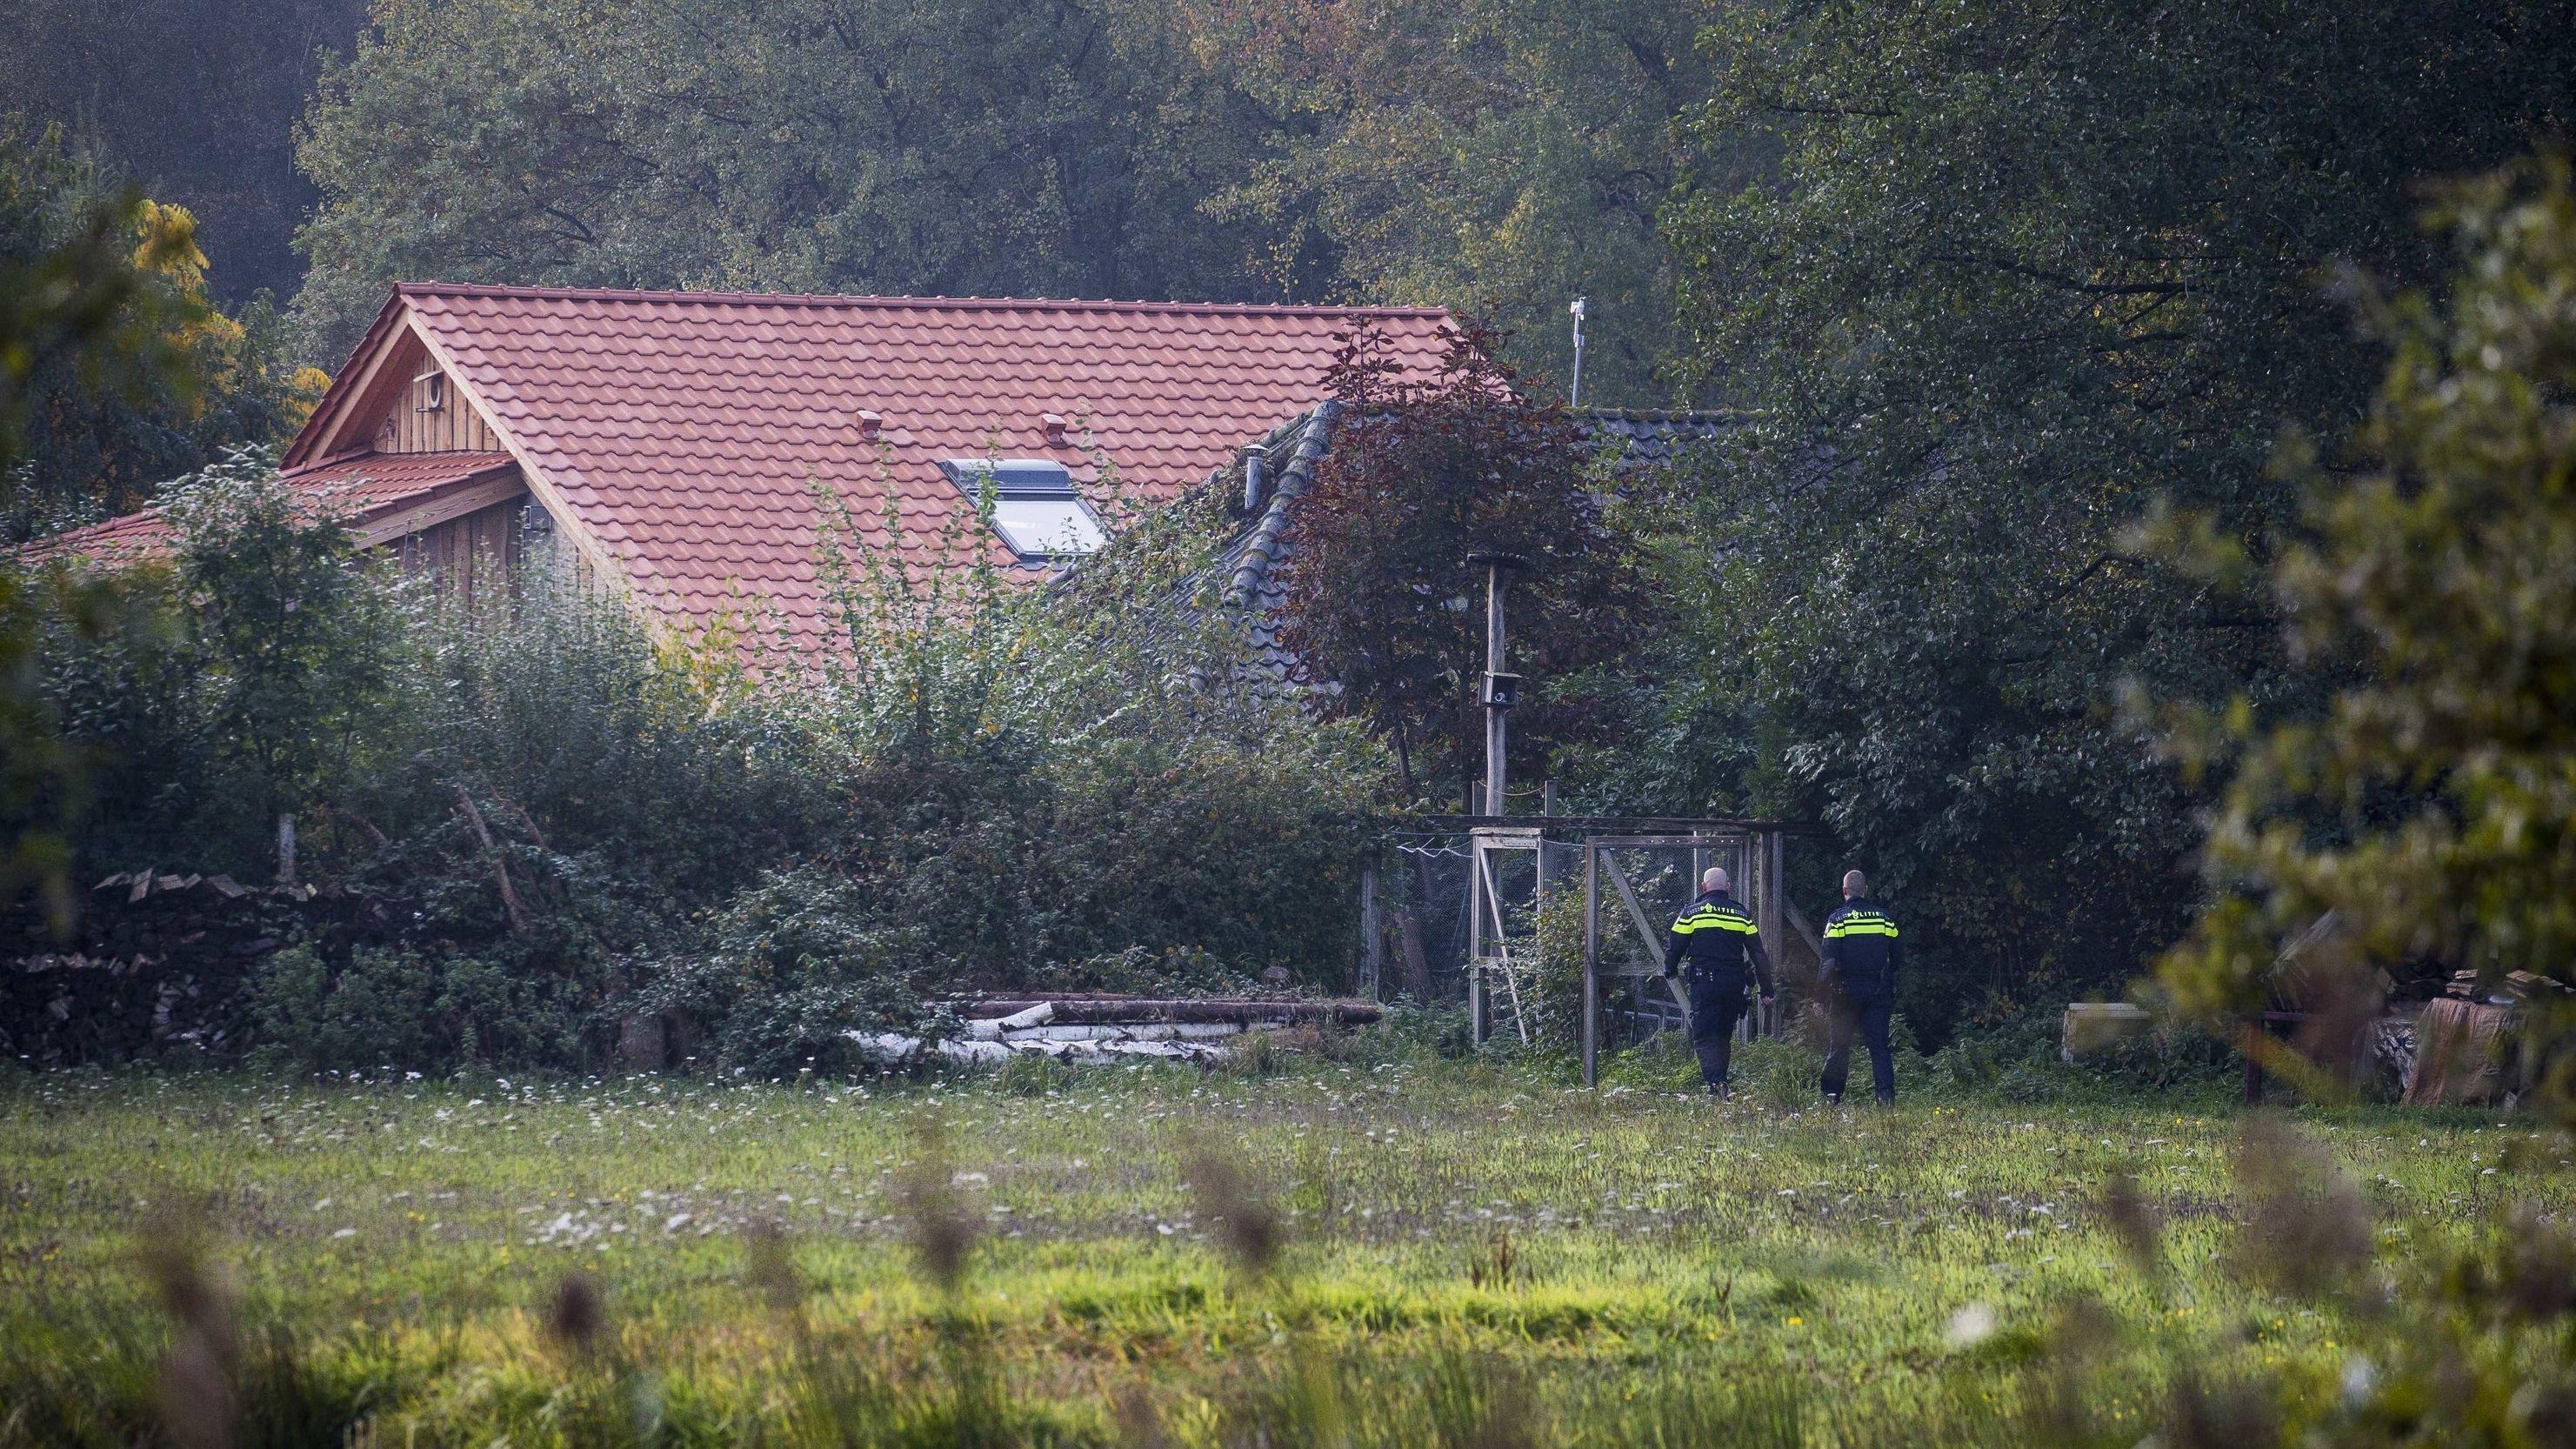 Ruinerwold, Niederlande: Polizisten vor dem abgelegenen Bauernhof, in dessen Keller die Familie hauste